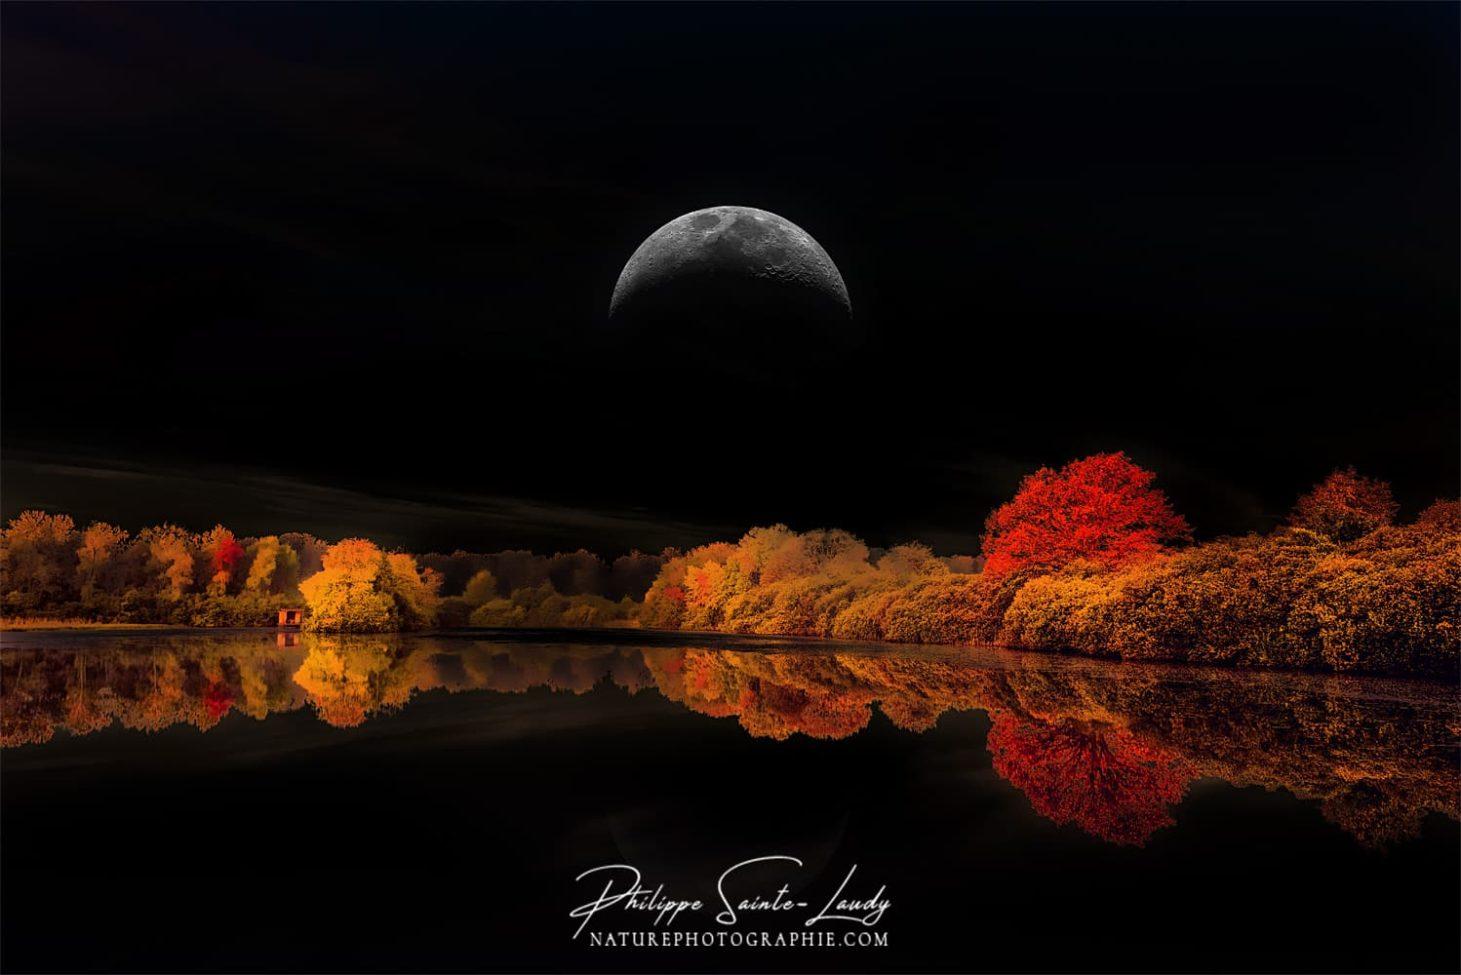 Ciel noir et paysage d'automne